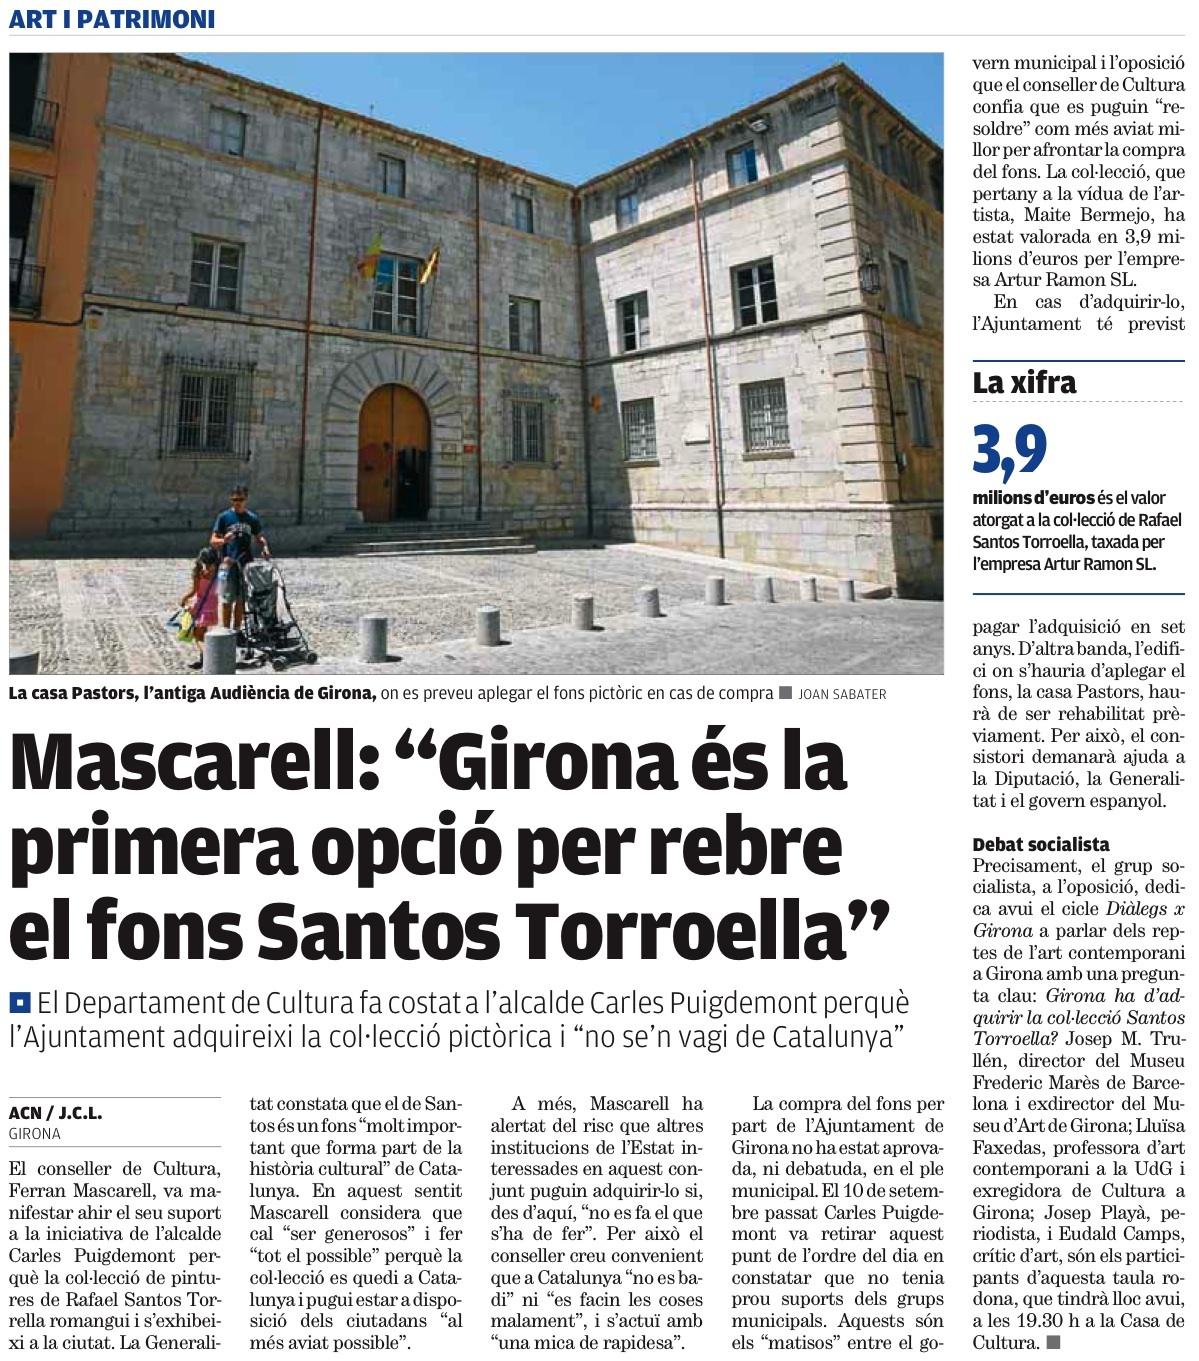 """El Punt Avui – Mascarell: """"Girona és la priemra opció per rebre el fons Santos Torroella"""""""